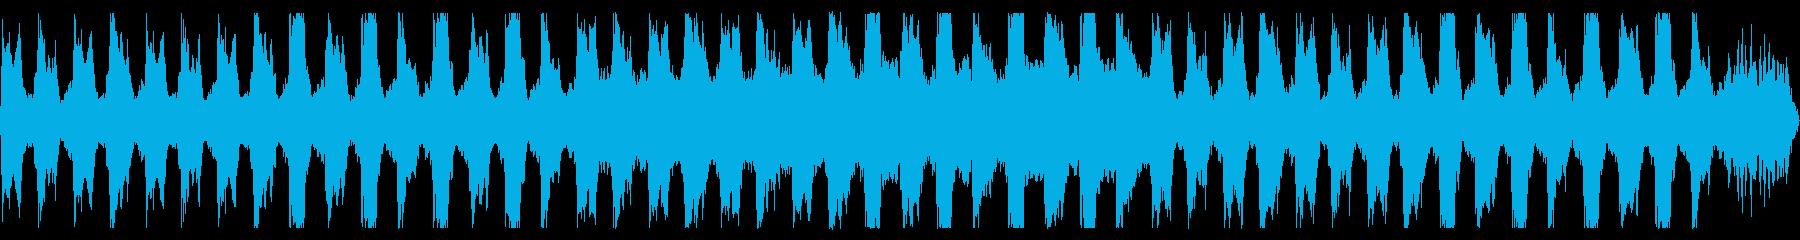 おどろおどろしい行進曲(ループ可)の再生済みの波形